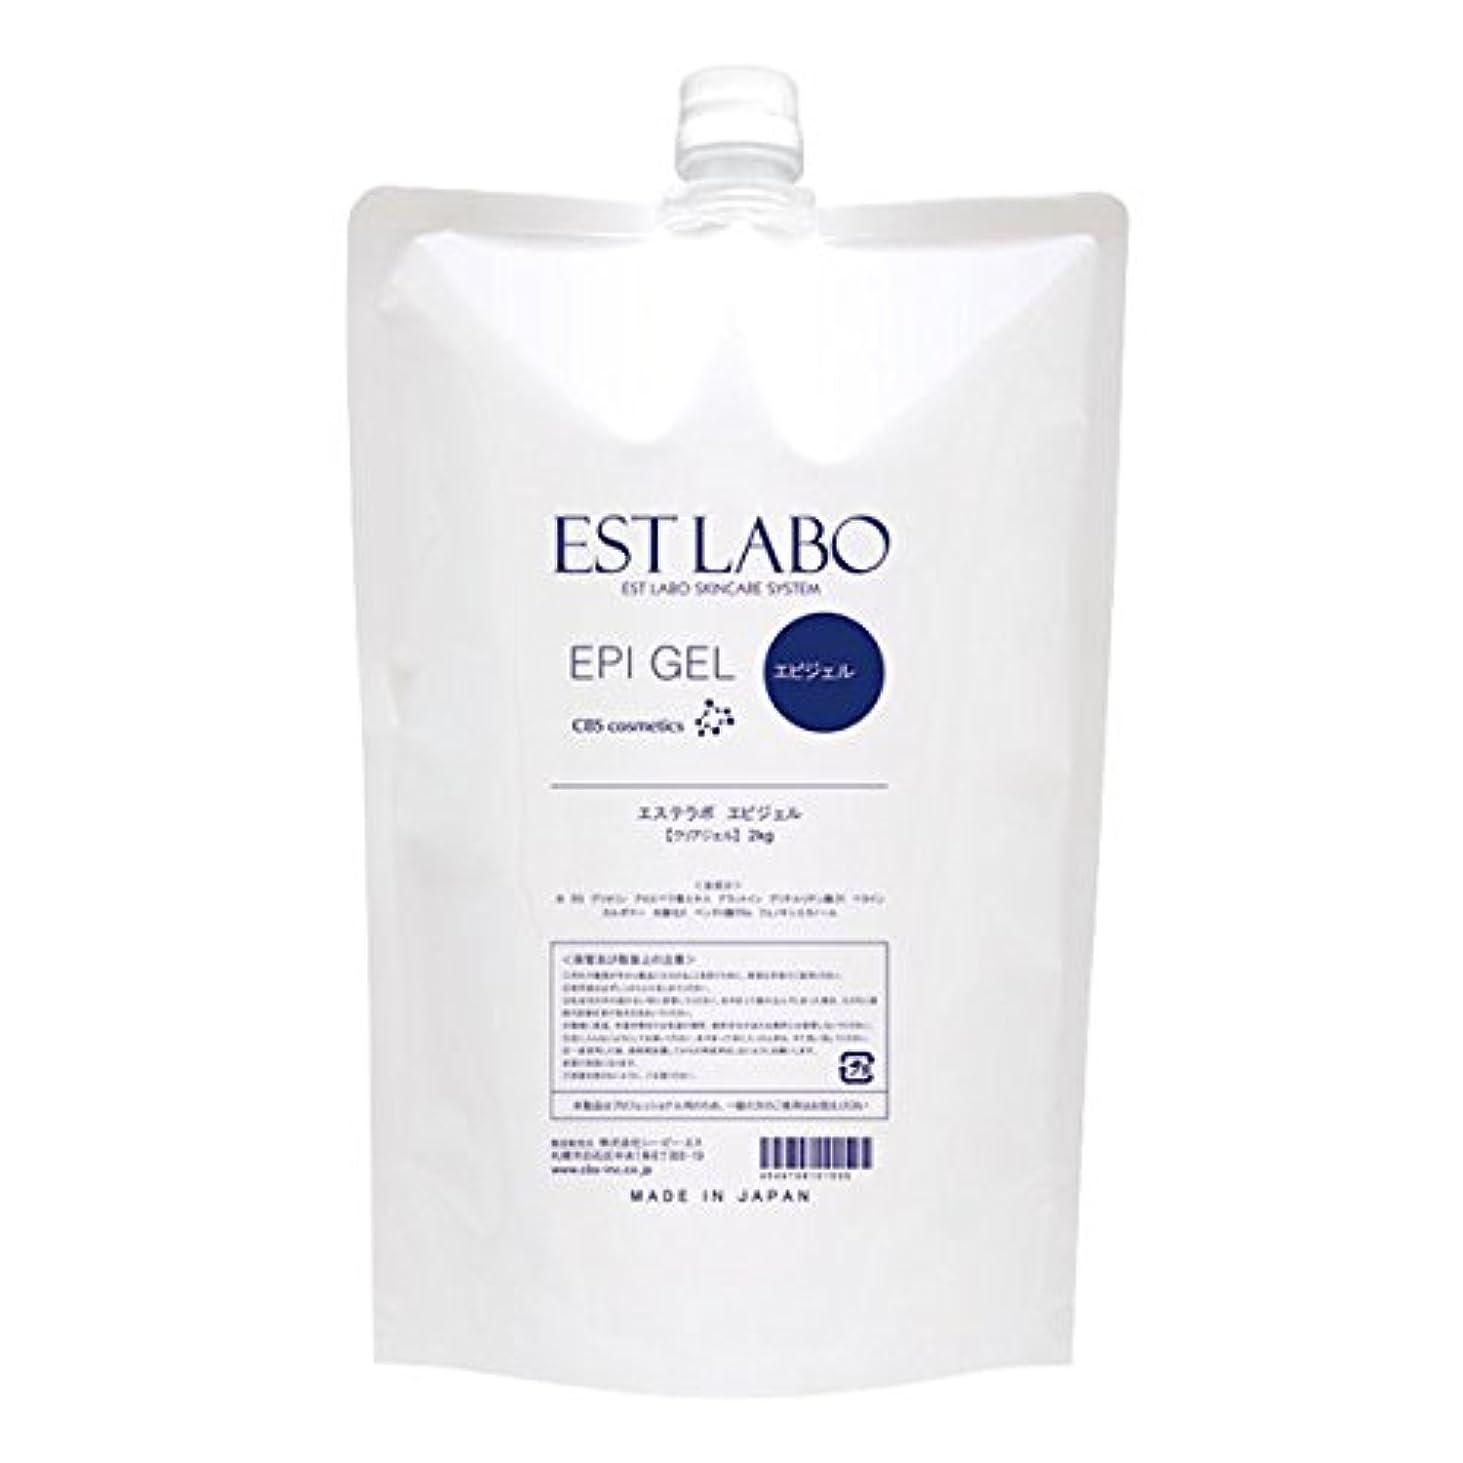 精算疑いカバー脱毛 EST LABO エピジェル(1袋?2kg)×2 合計2袋?4kg 業務用